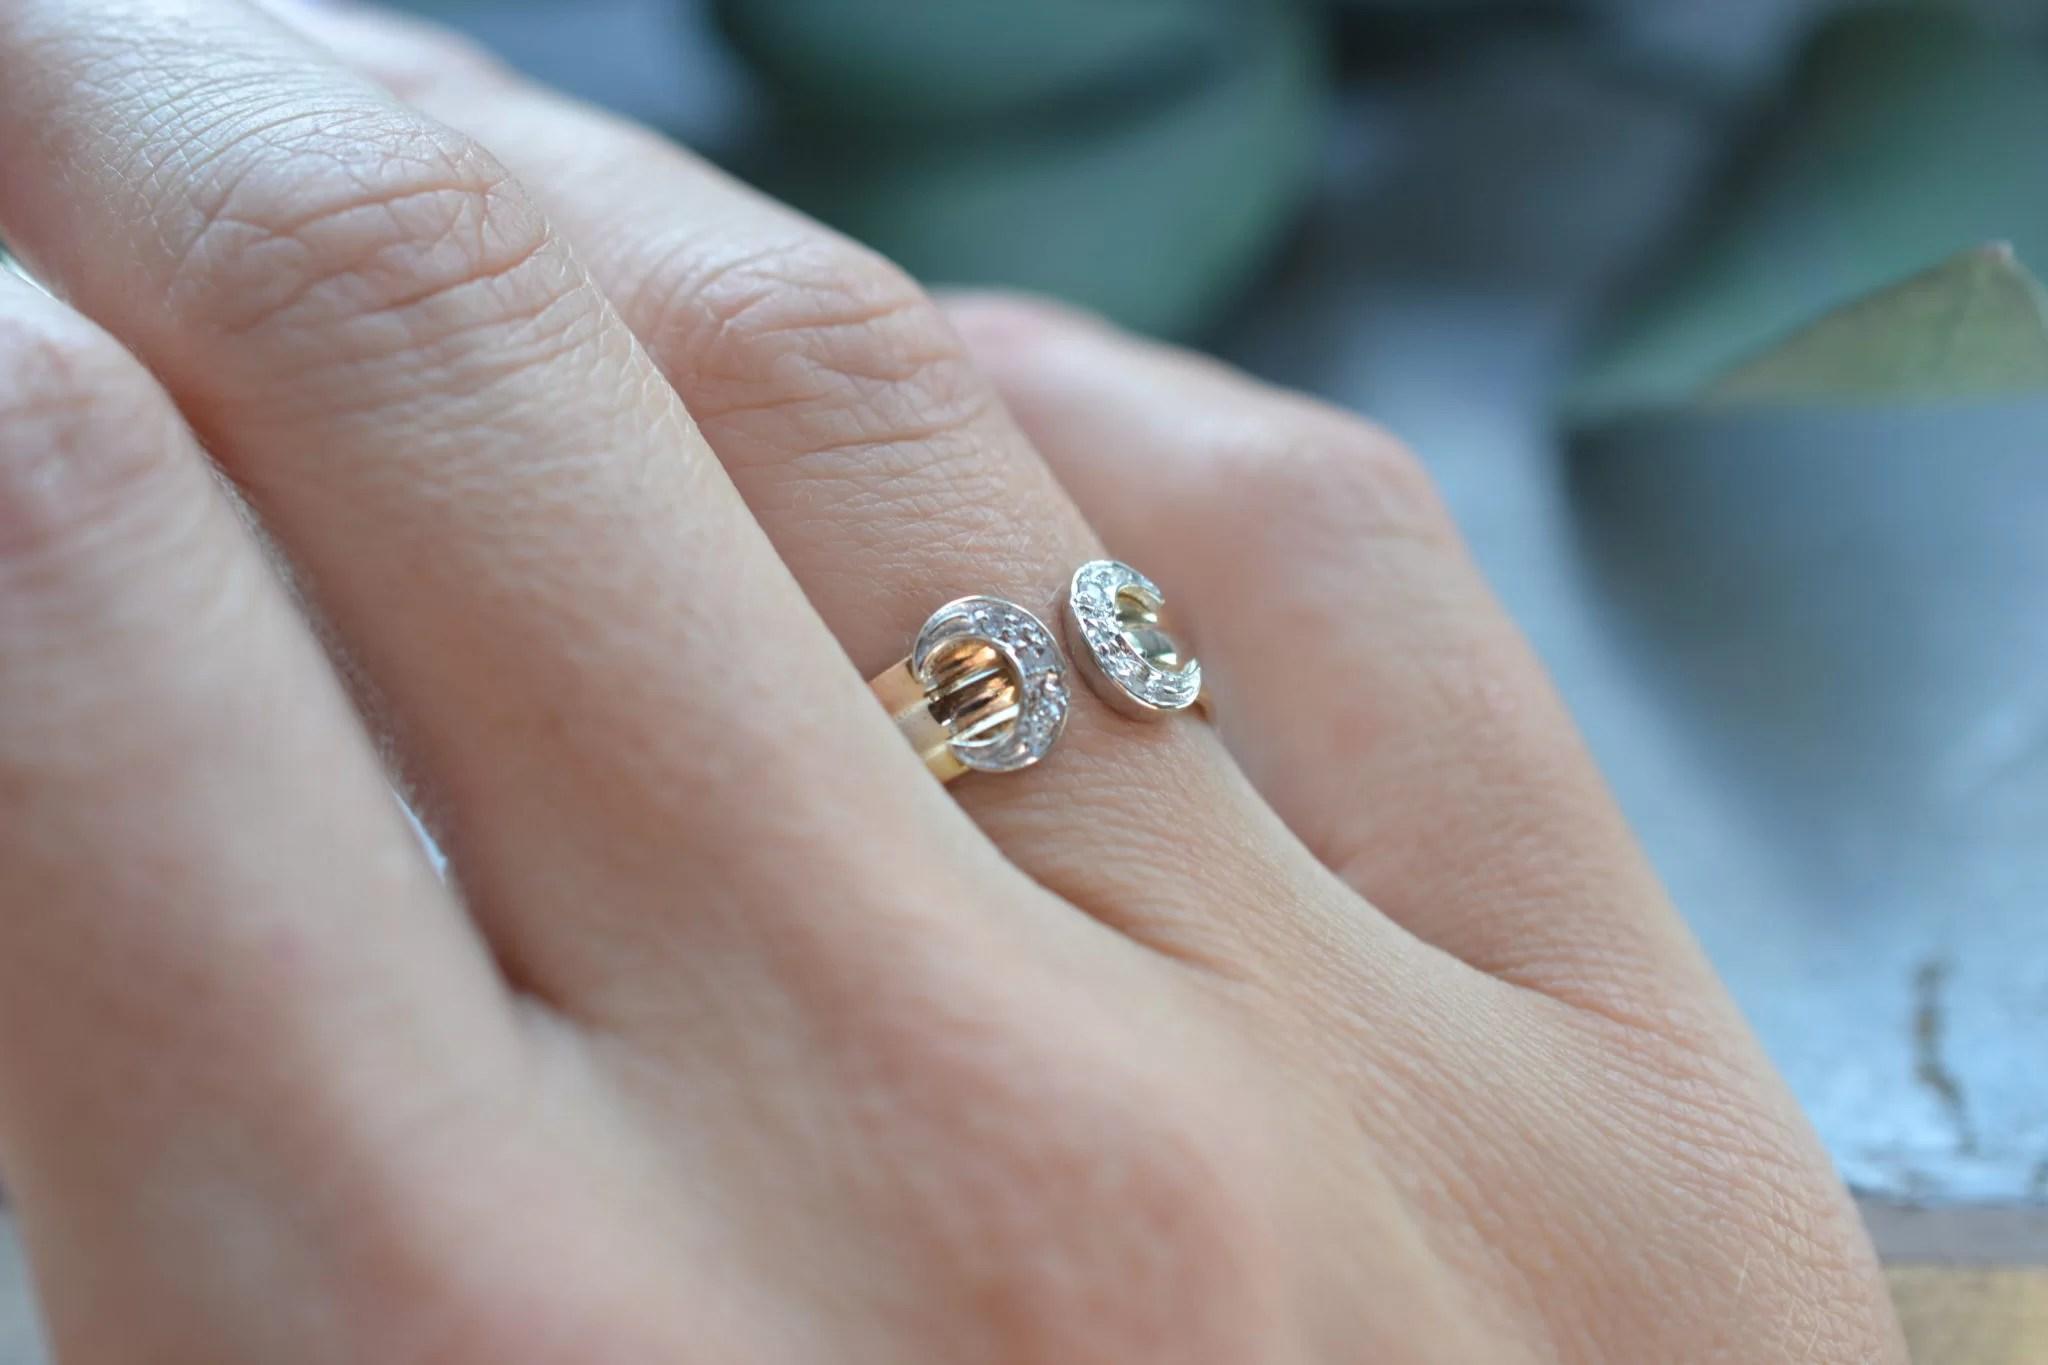 Bague fer à cheval façon cartier petites roses de diamants - bijoux en OR 18 carats - bijoux seconde main